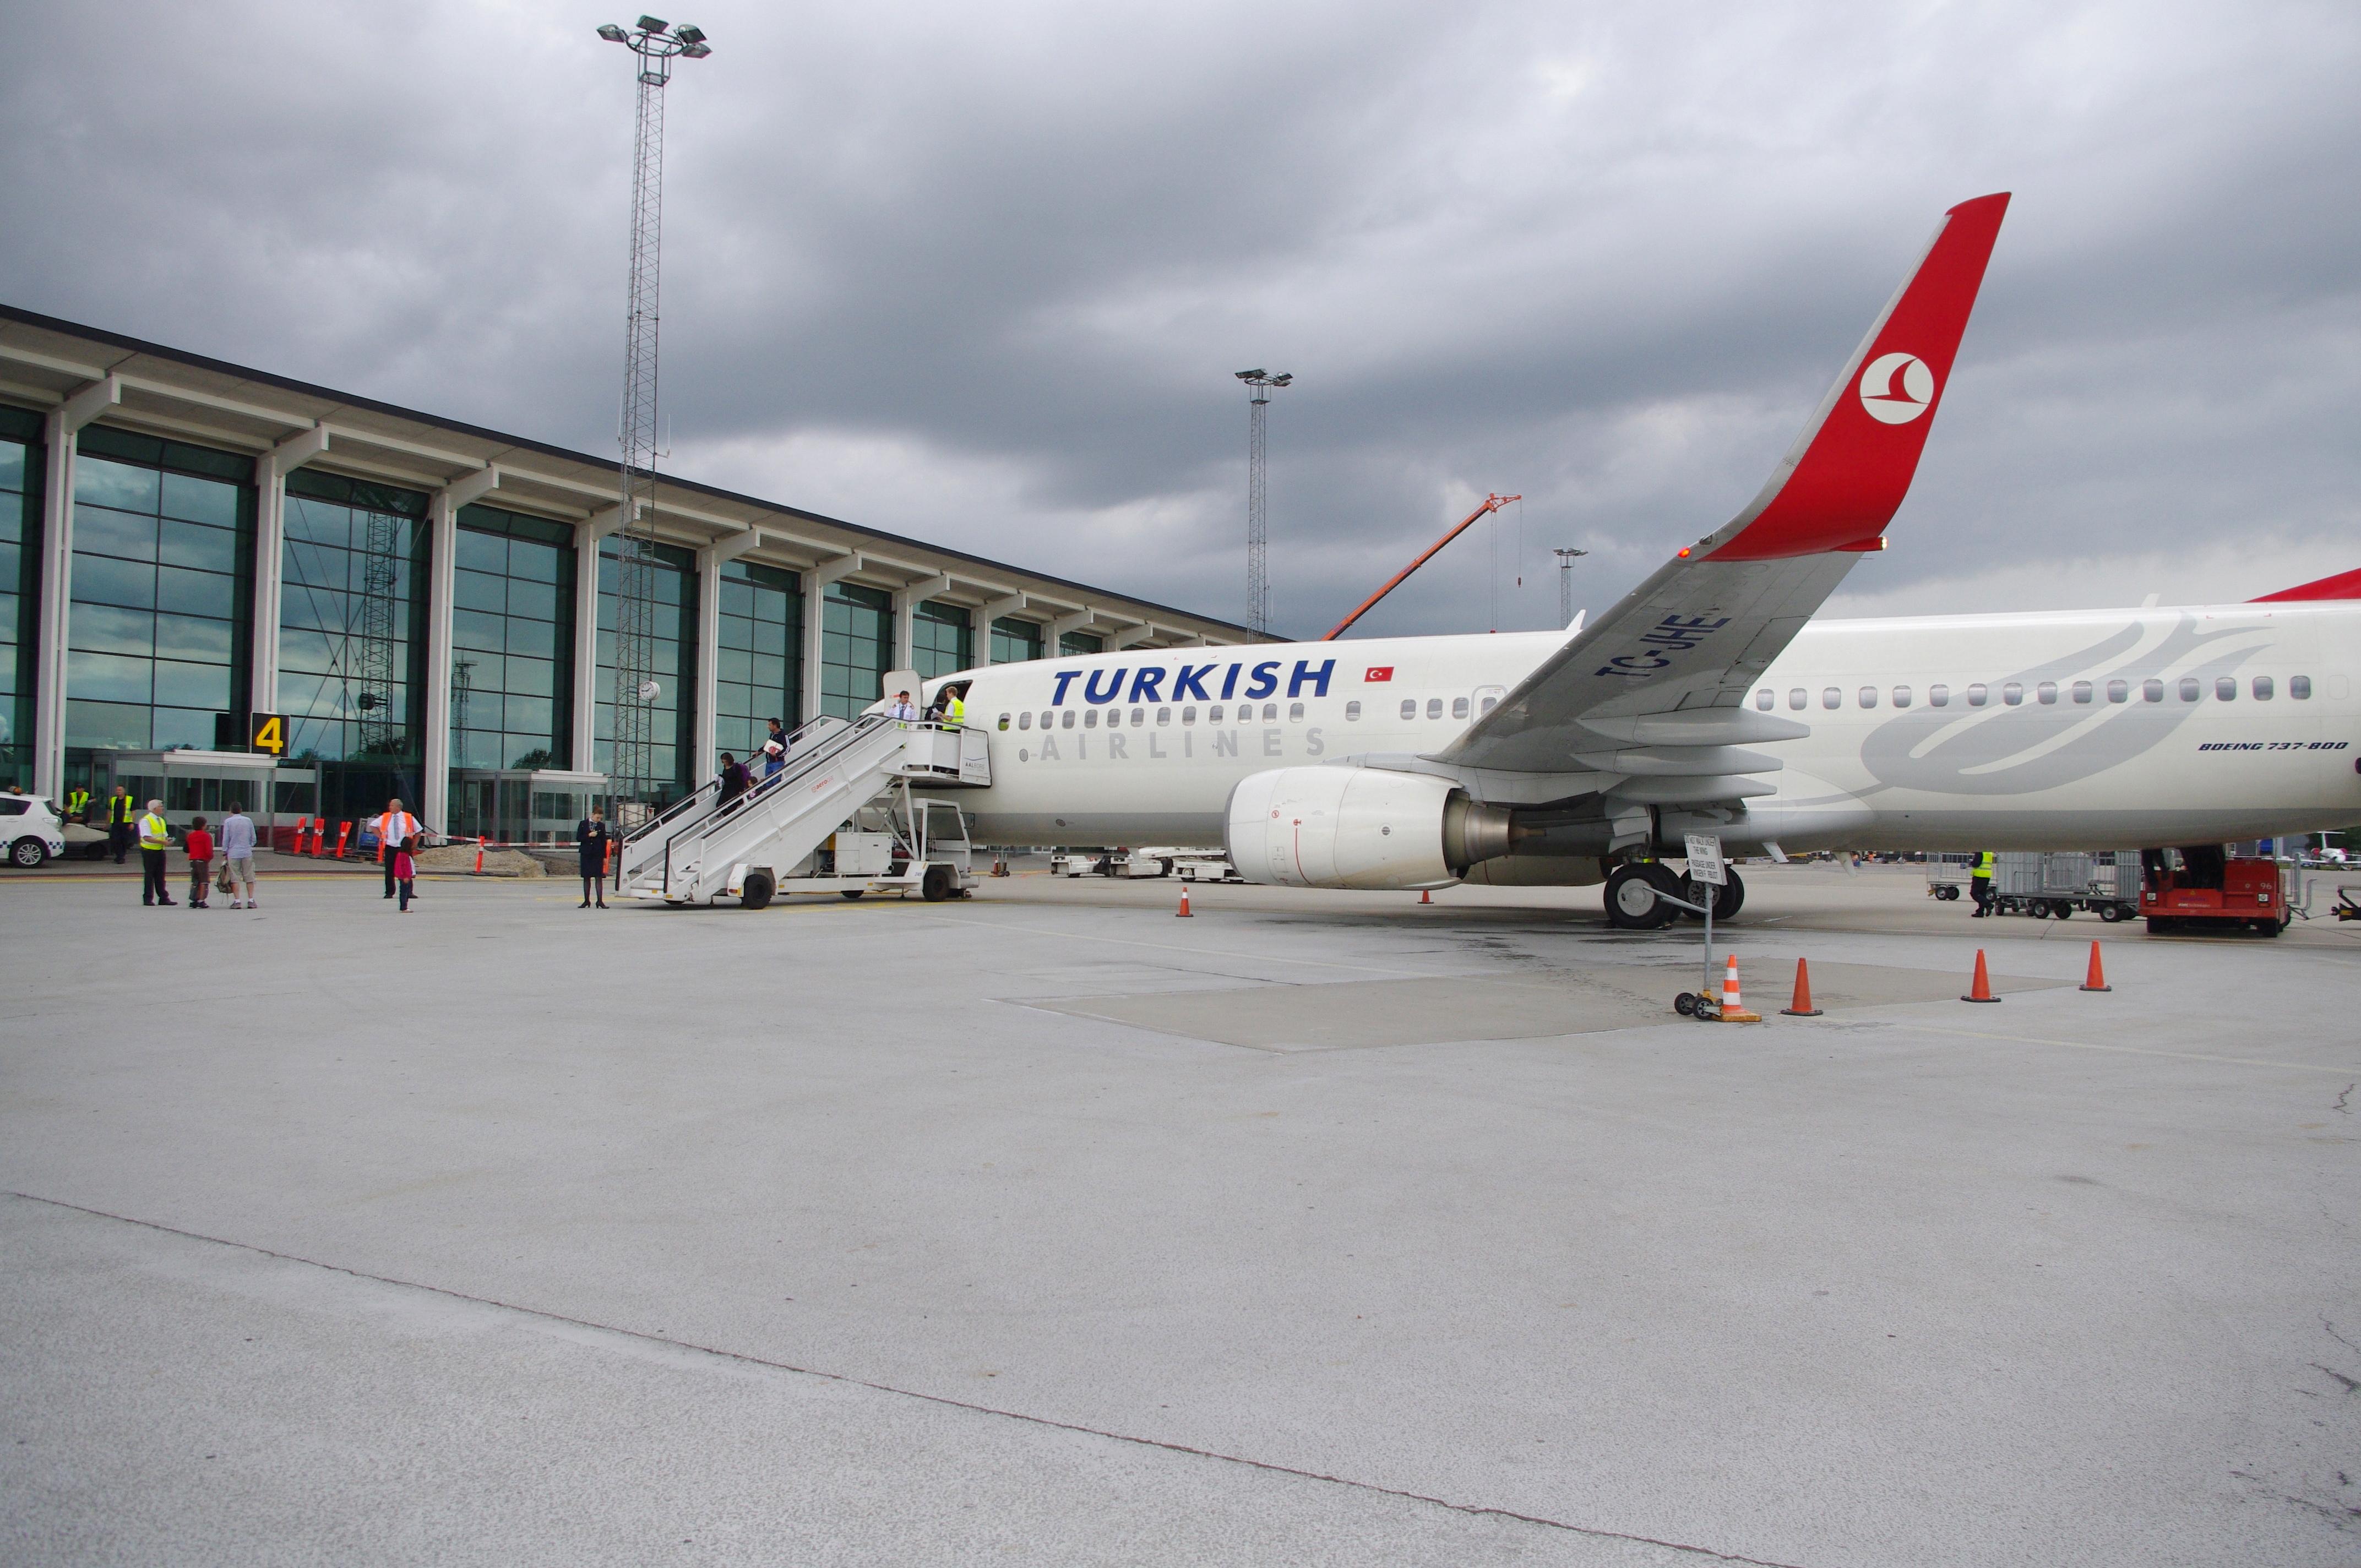 Turkish Airlines-fly ved gaten i Aalborg Lufthavn. (Foto: Aalborg Lufthavn)